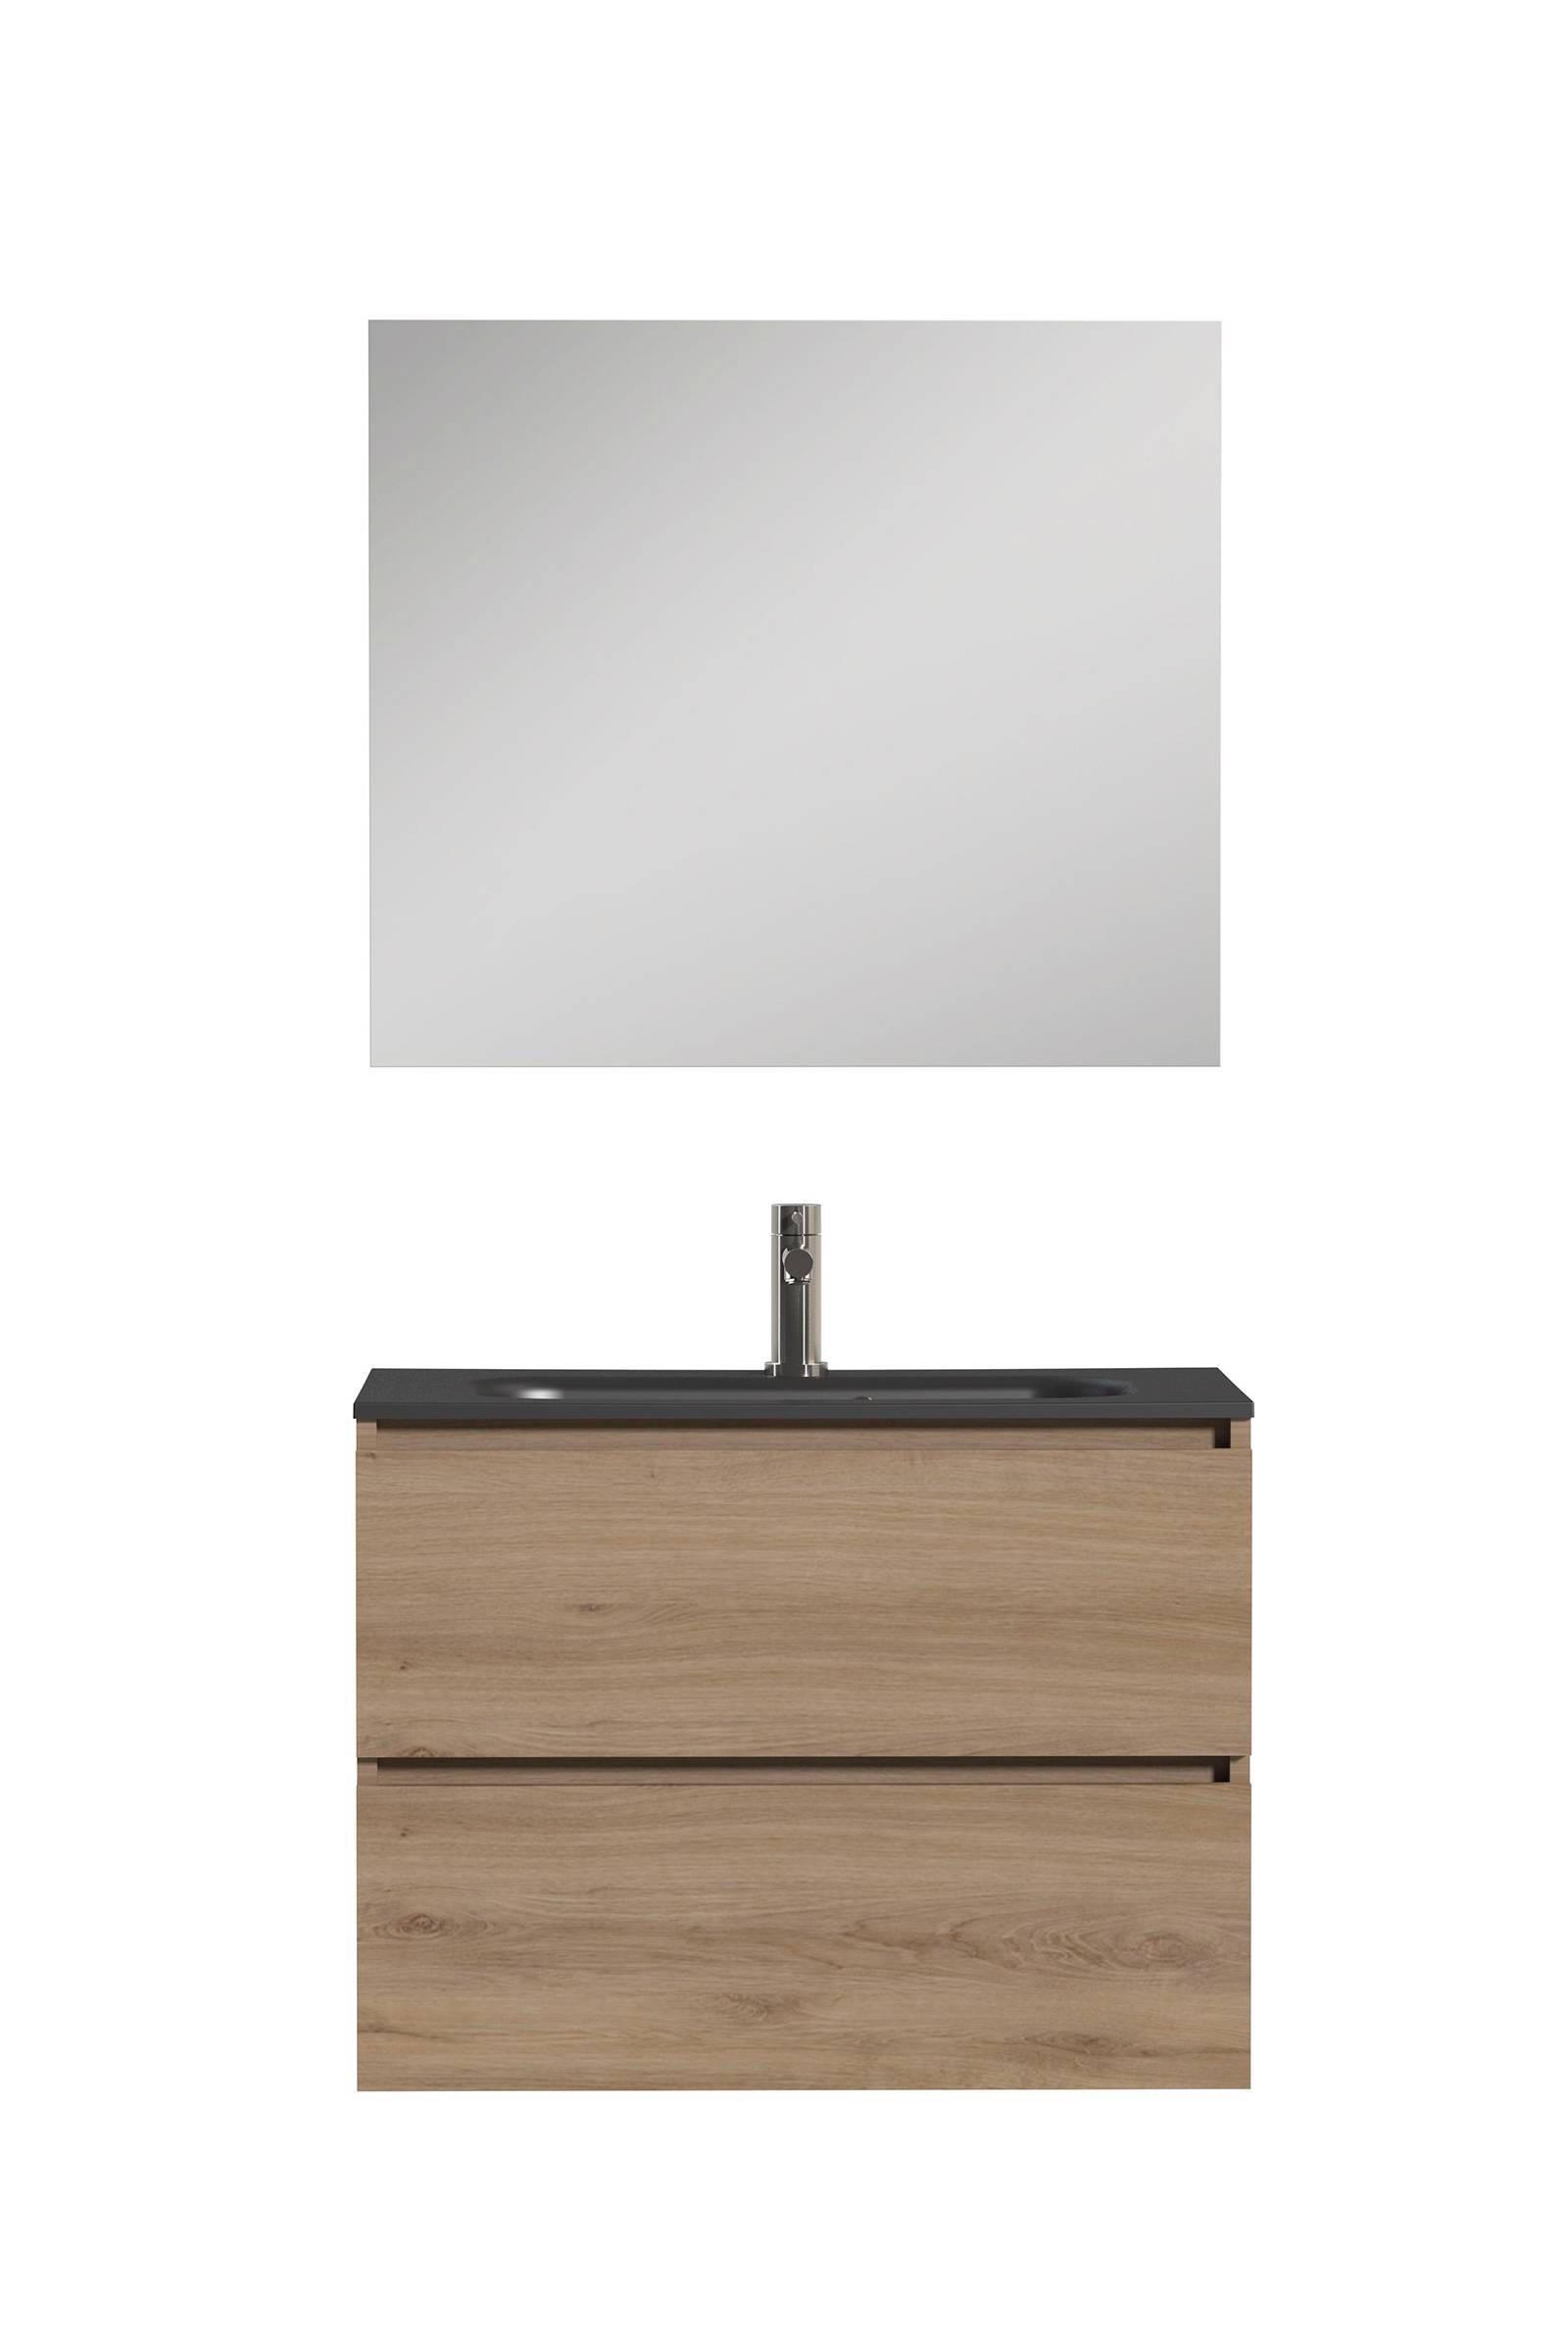 Tiger Loft Badkamermeubel 80cm met spiegelpaneel en zwarte wastafel